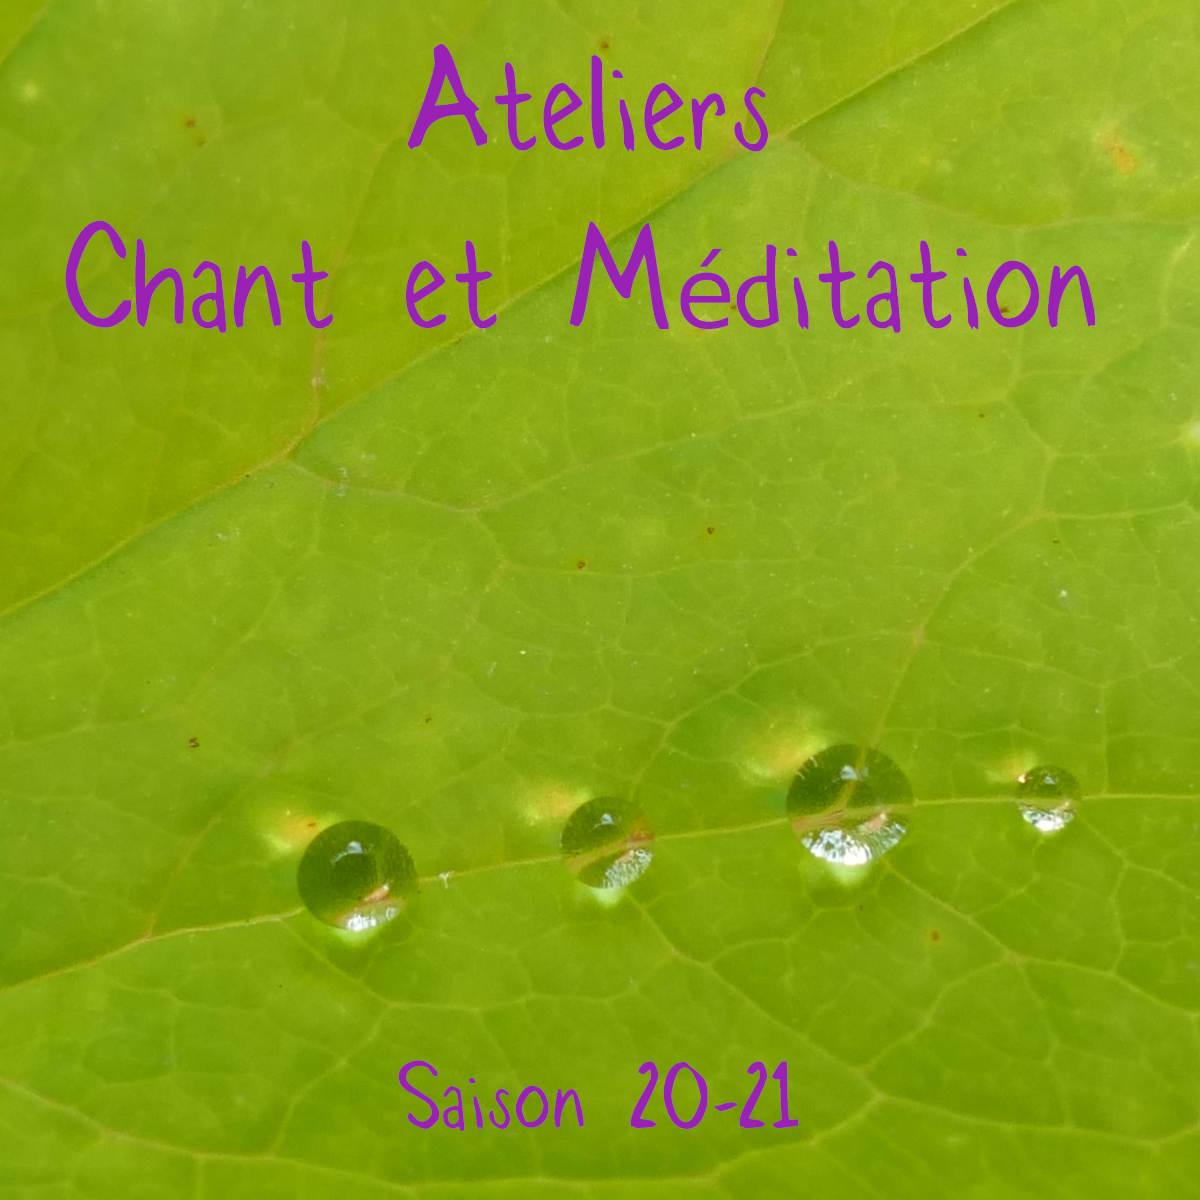 Chant et Méditation